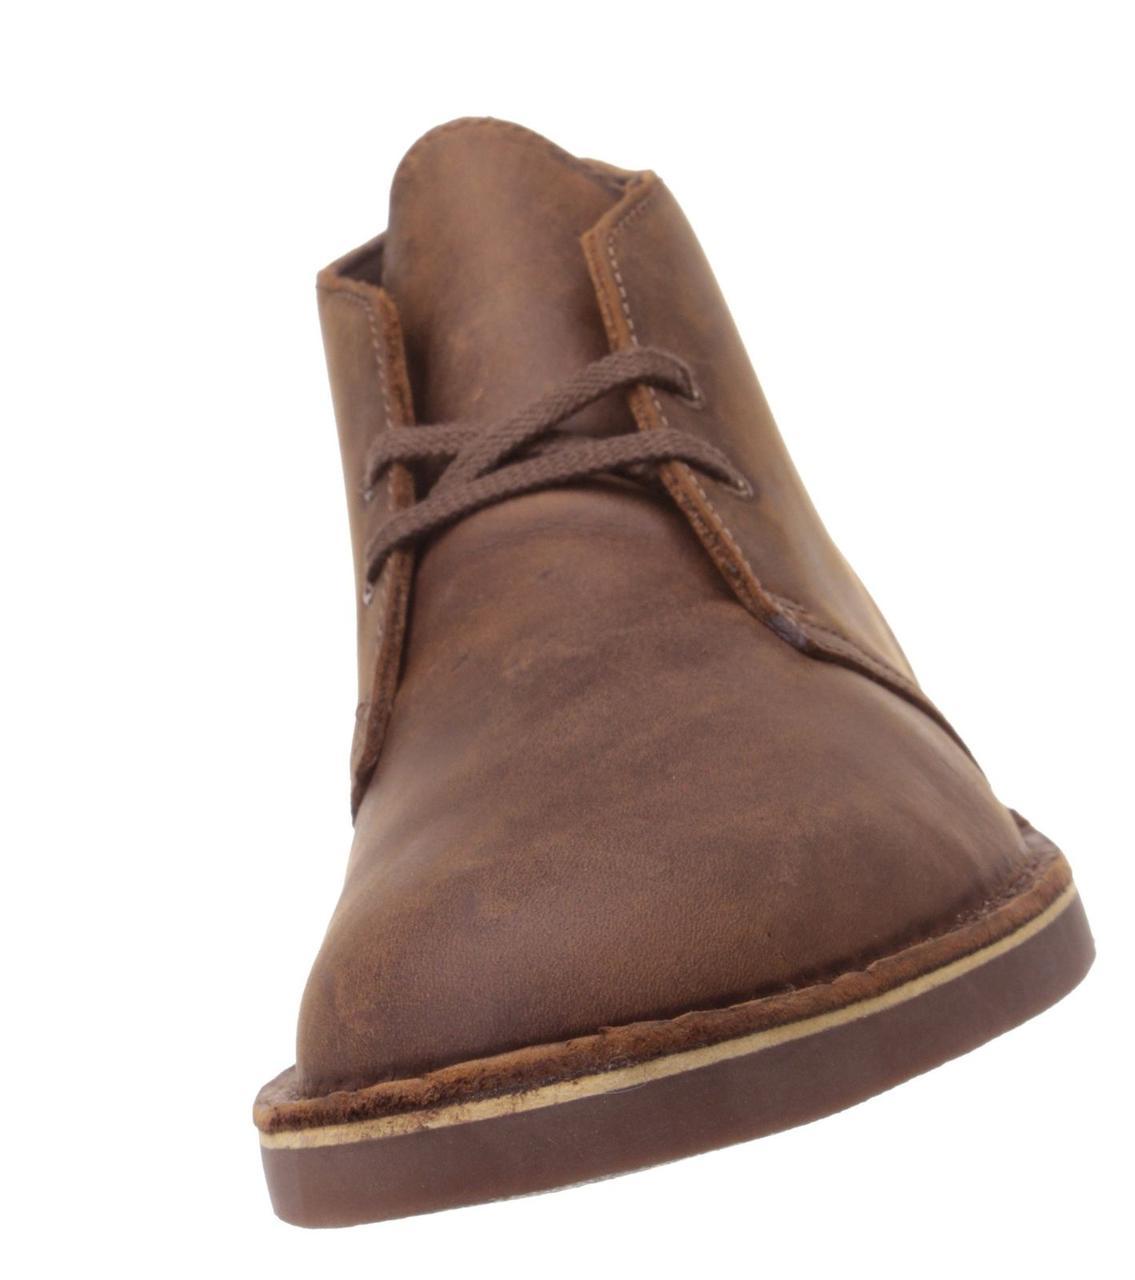 9338708c Ботинки CLARKS Men's Bushacre 2 Chukka Boot(Оригинал) р.45, цена 1 275  грн., купить в Харькове — Prom.ua (ID#716722279)